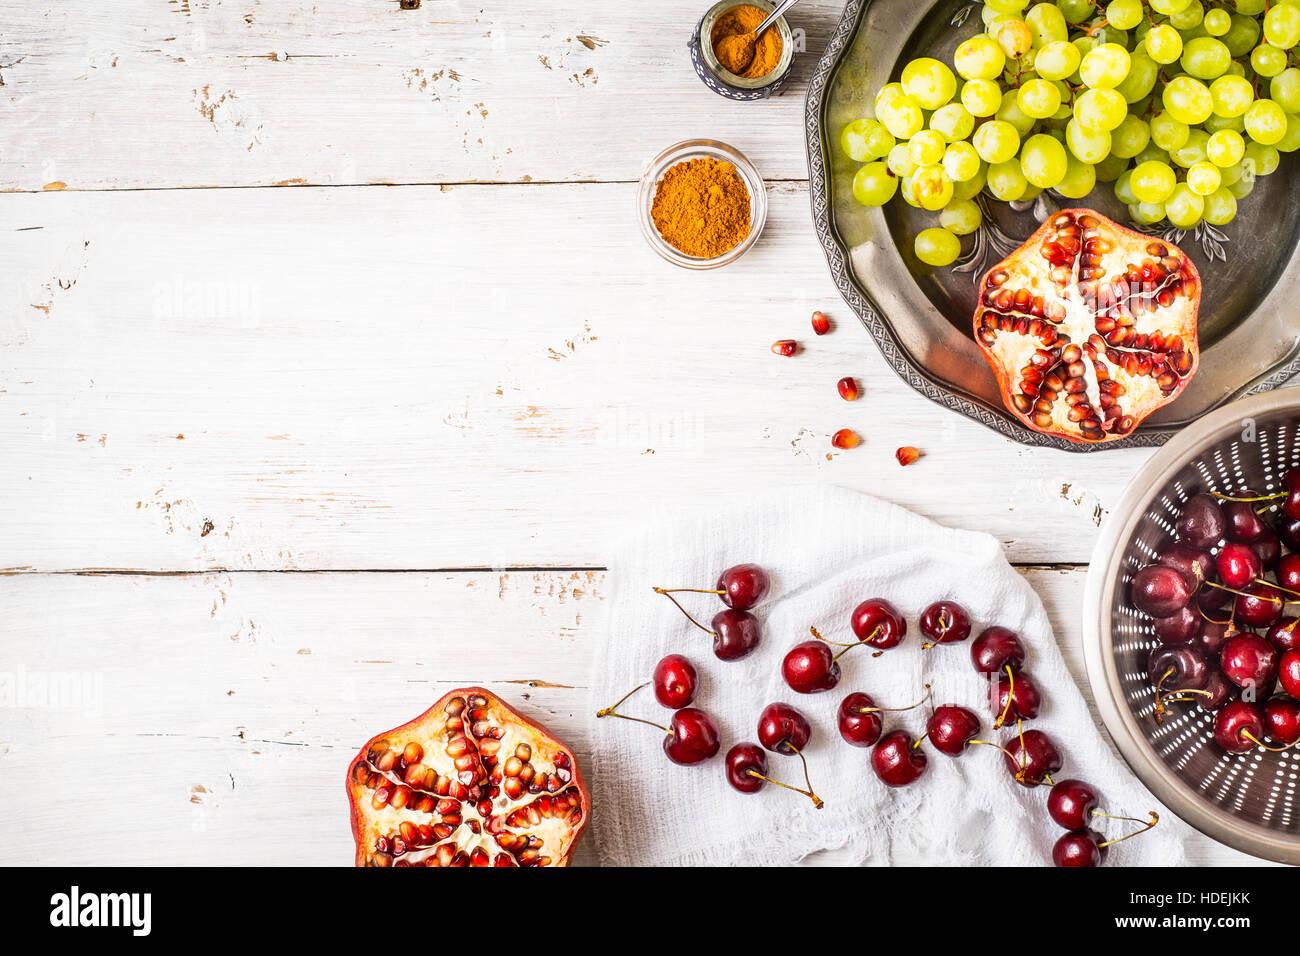 Diferentes frutas y especias en la mesa de madera blanca. Concepto de frutas orientales Imagen De Stock